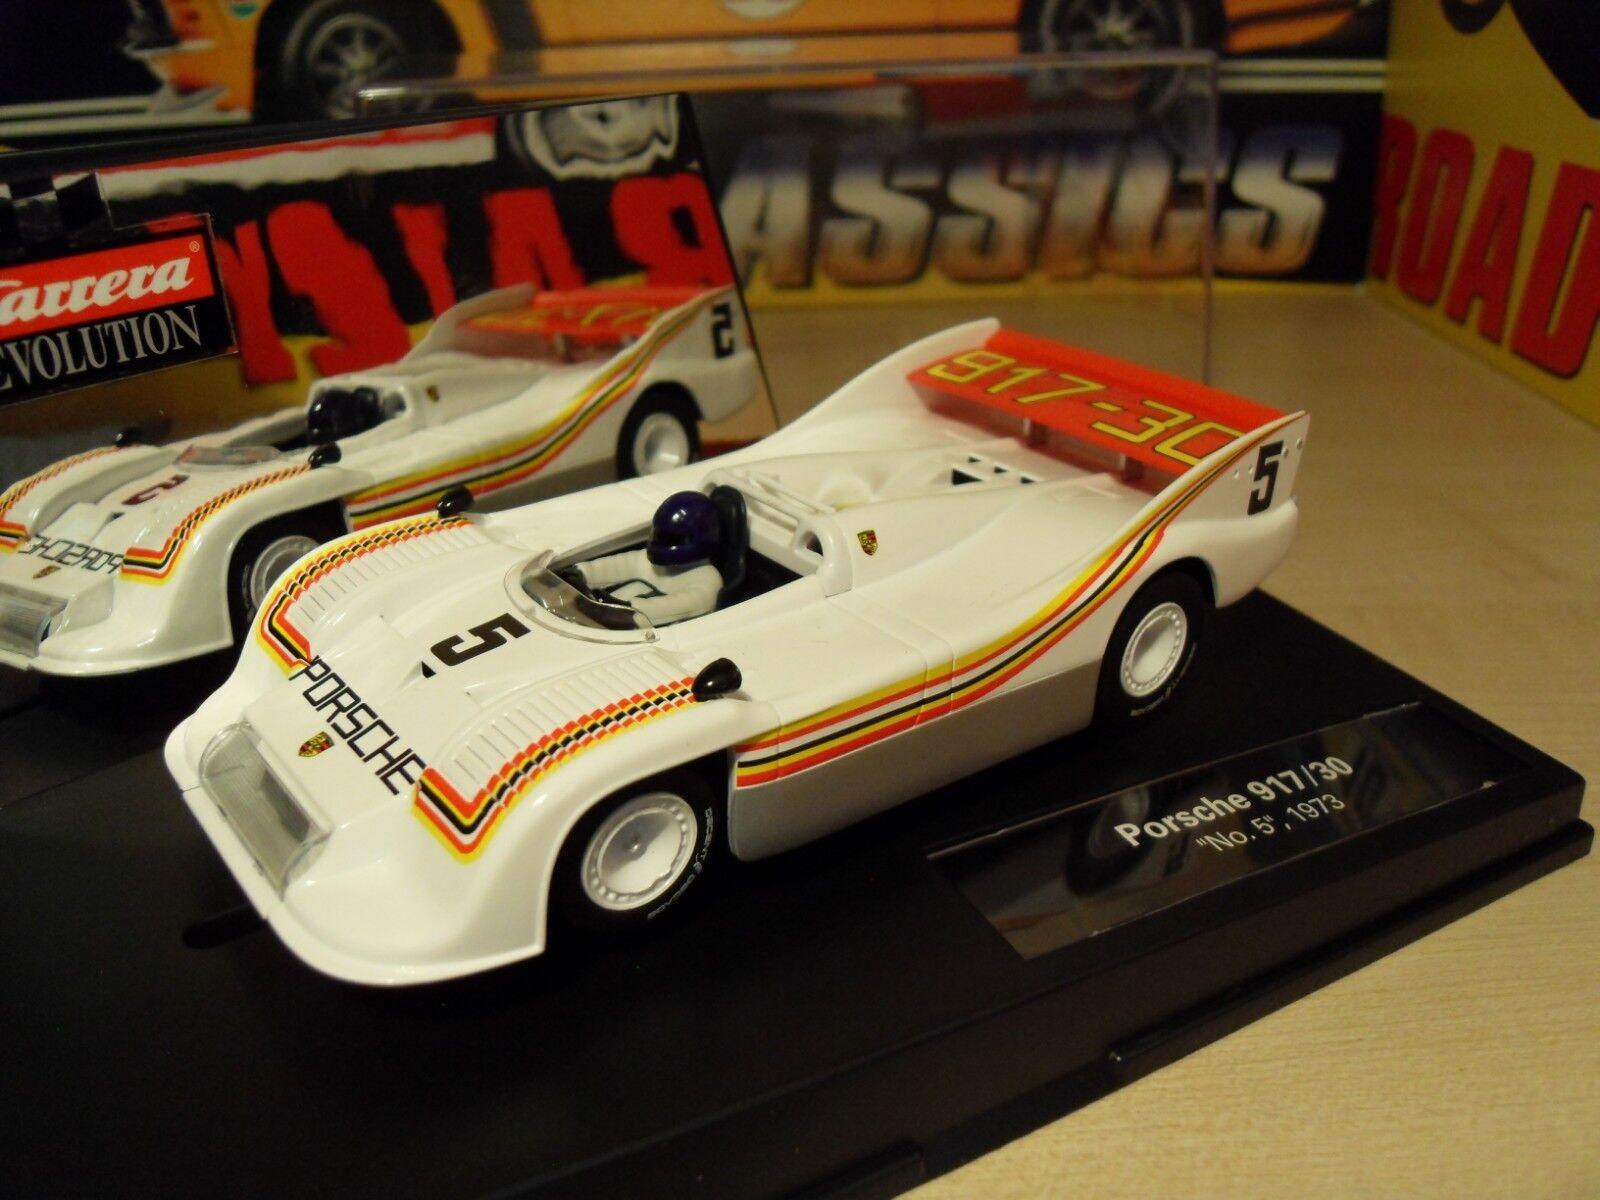 Carrera 27437 Porsche 917 30 1973 USA Limited Edition - Brand New in Box.